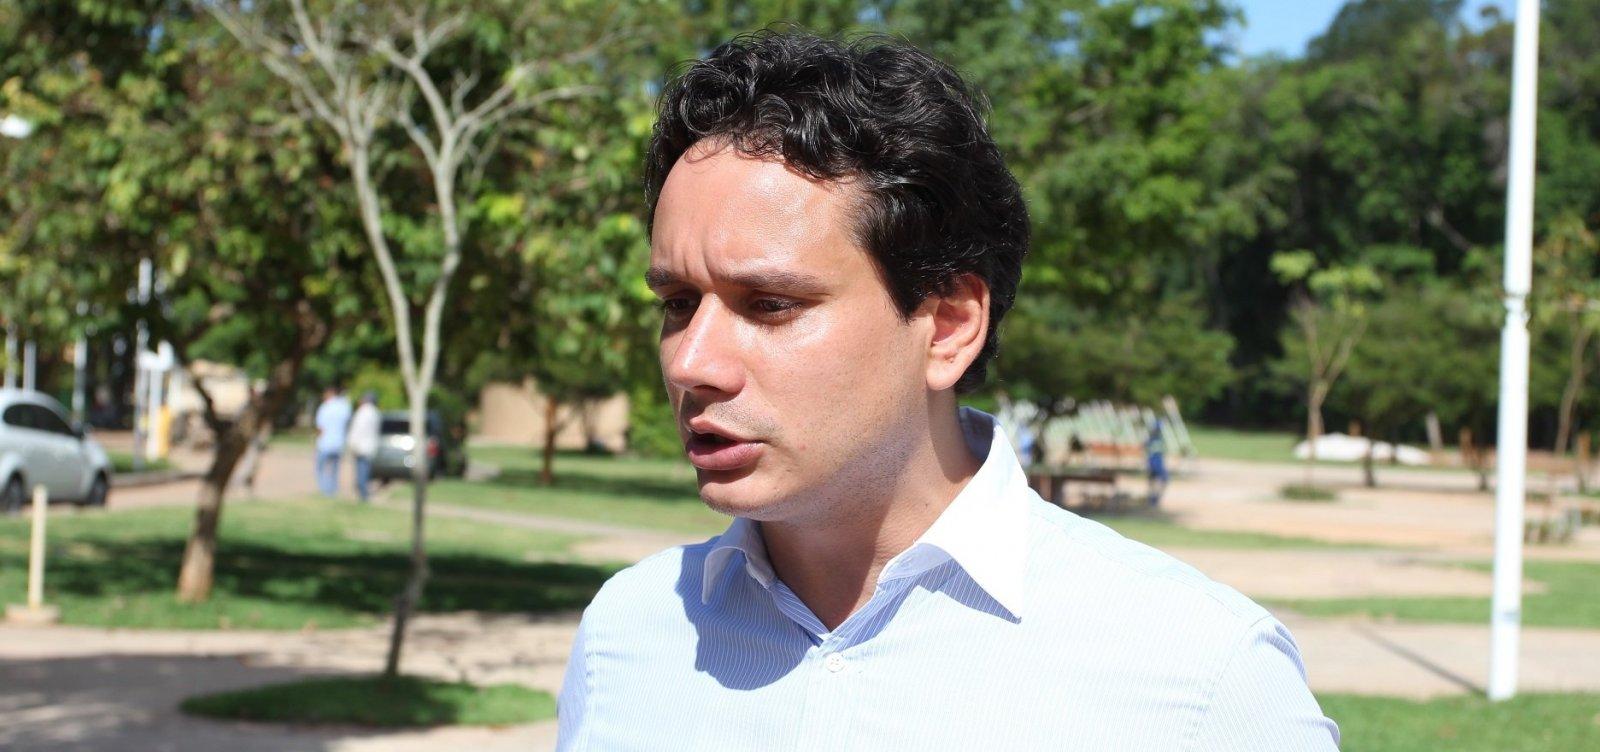 [Prefeitura contraria governo Bolsonaro e se coloca à disposição da ONU para sediar evento]